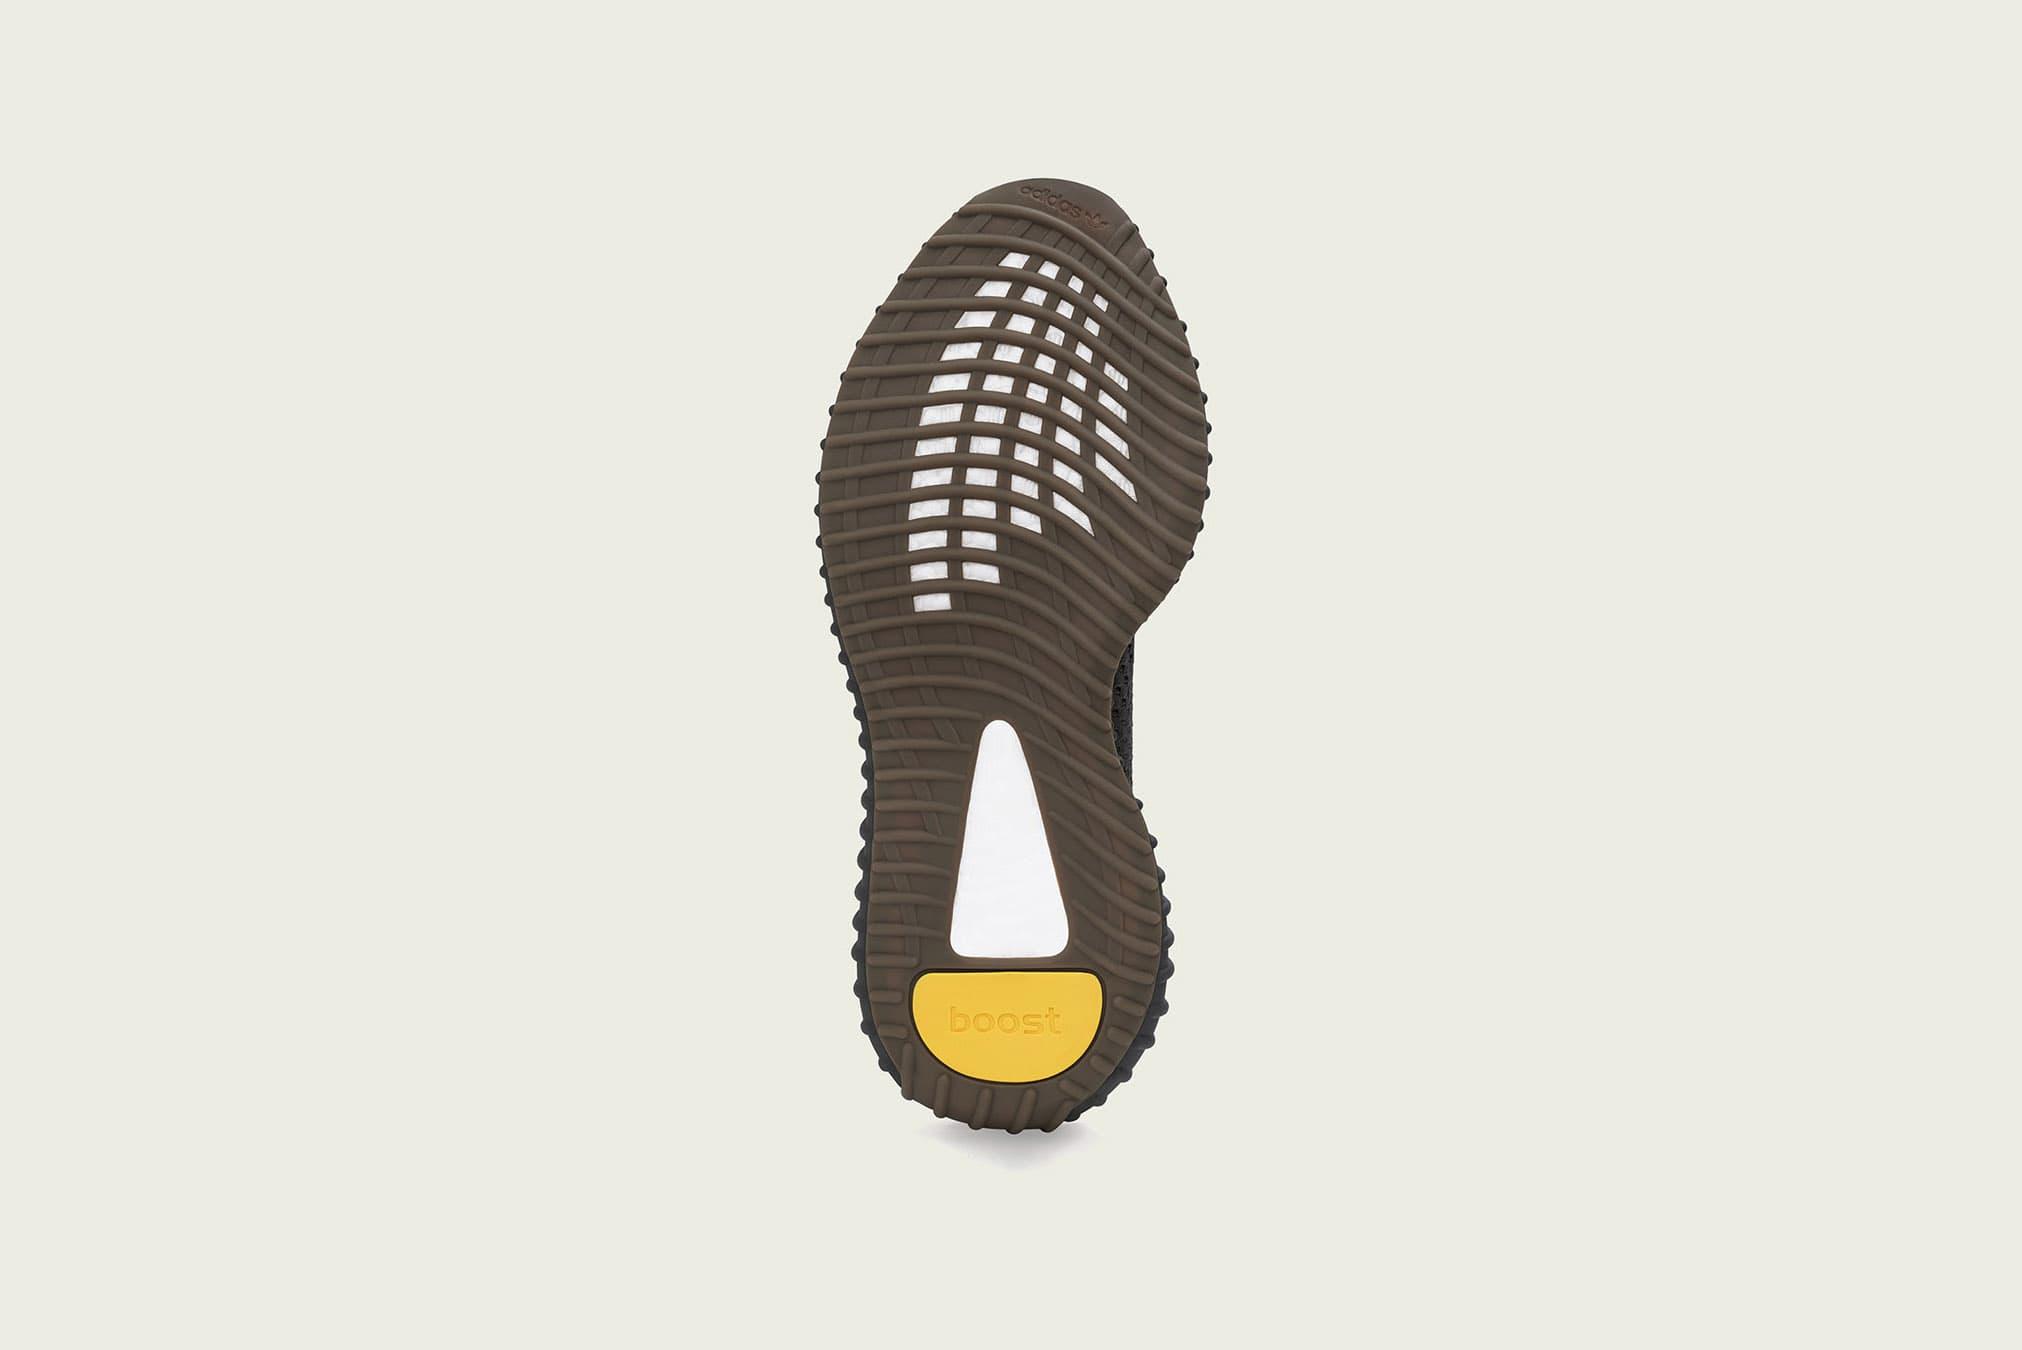 adidas schoenen marktplaats